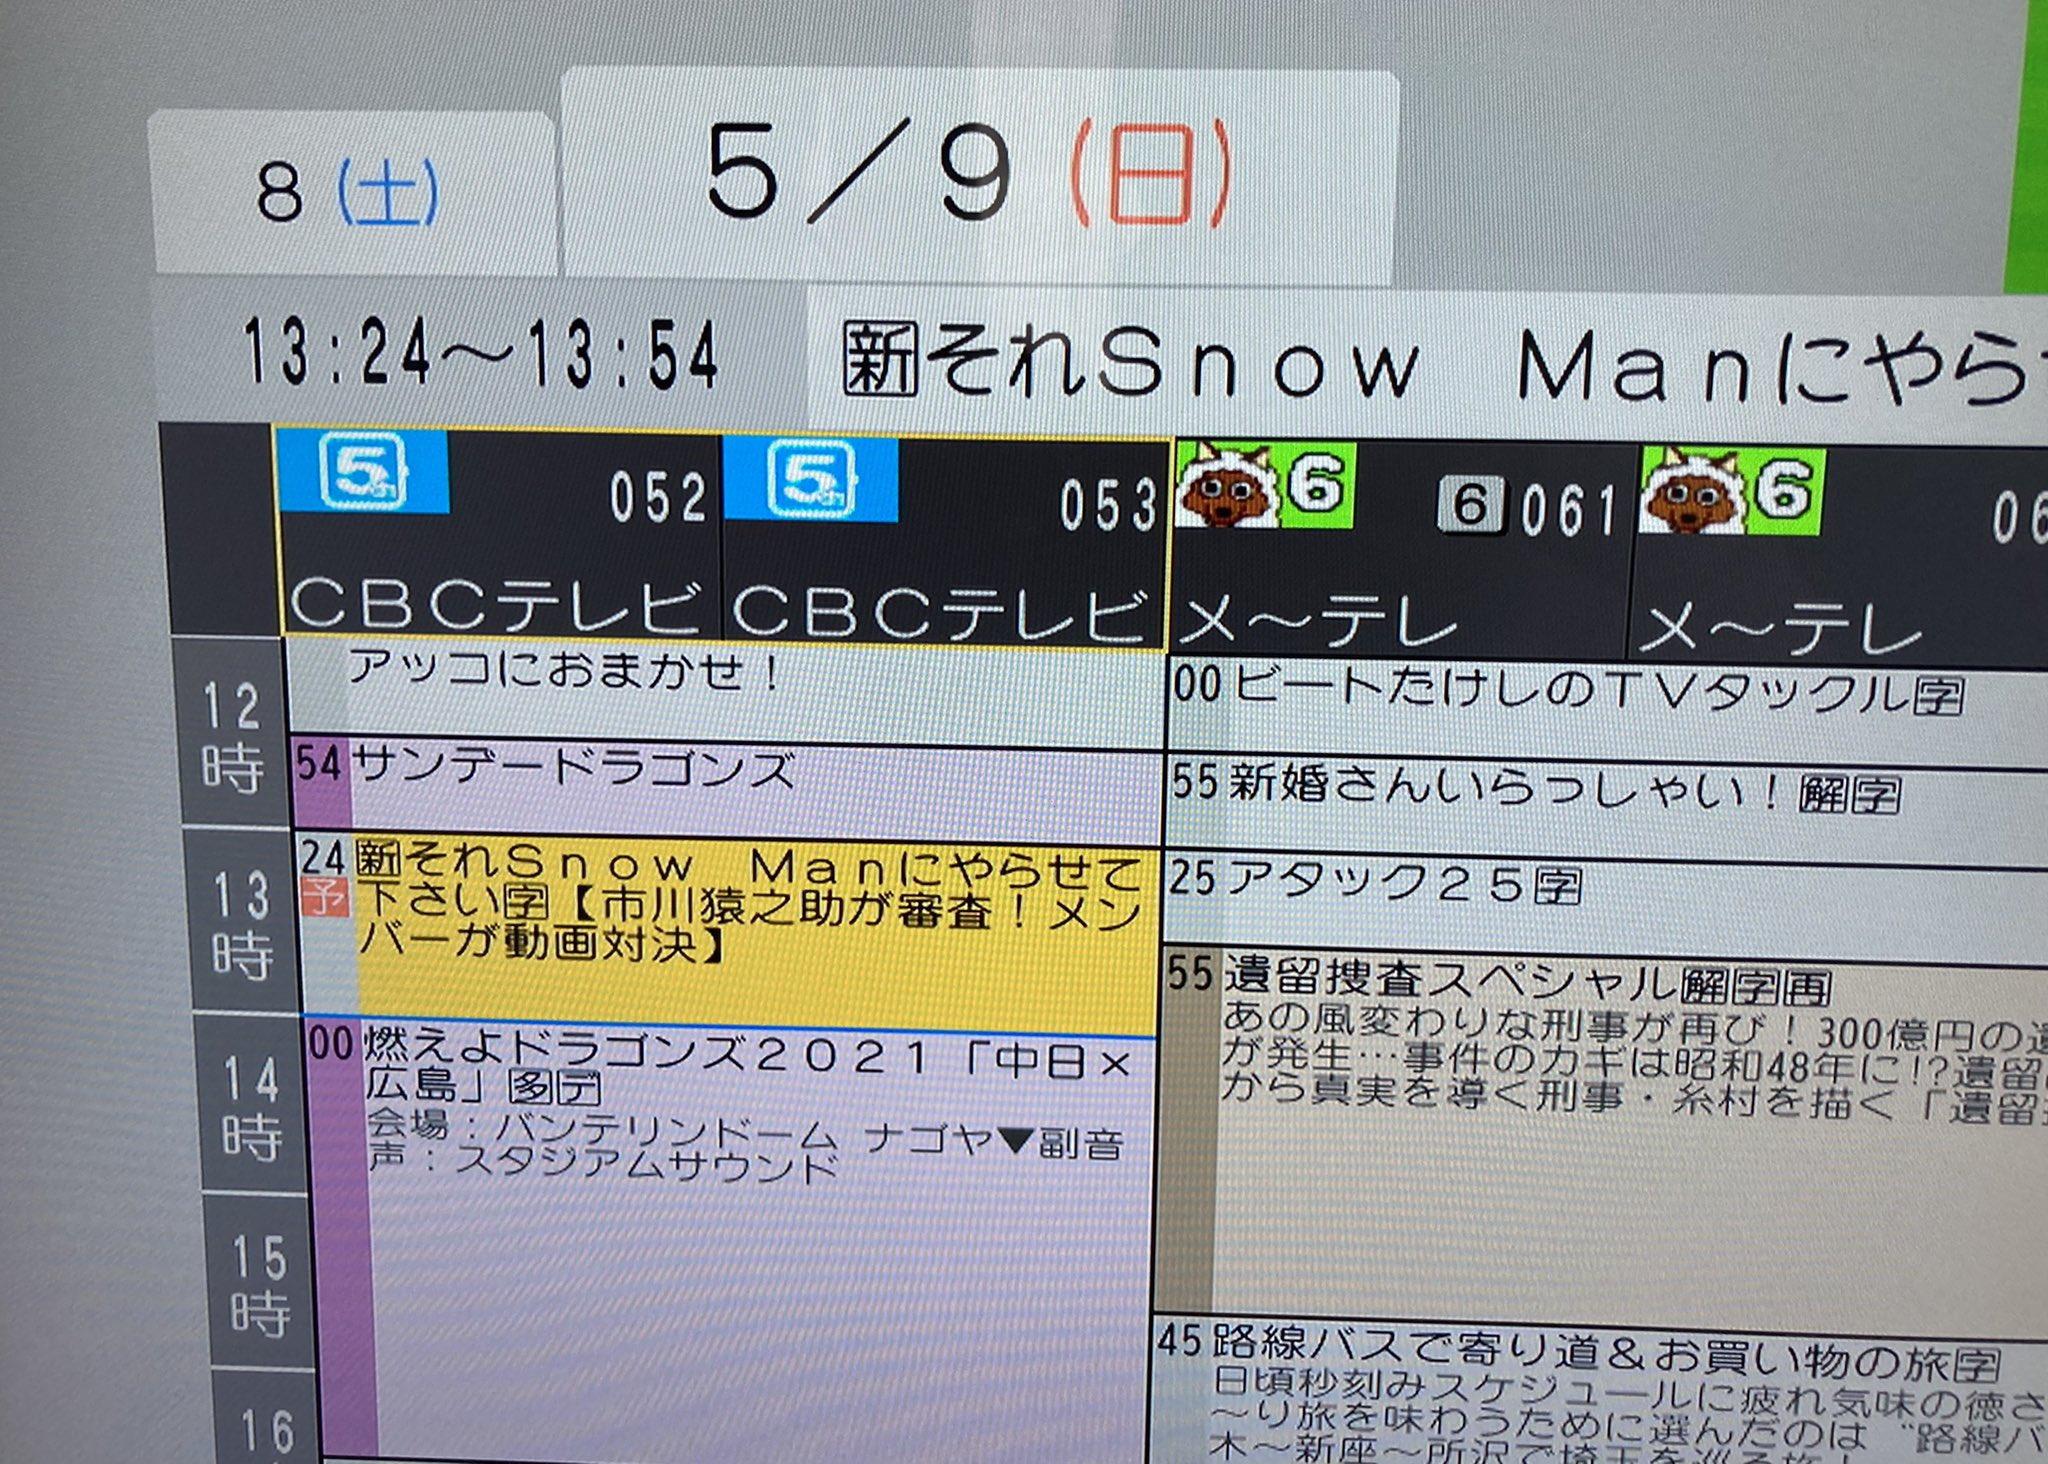 #それスノ Photo,#それスノ Twitter Trend : Most Popular Tweets